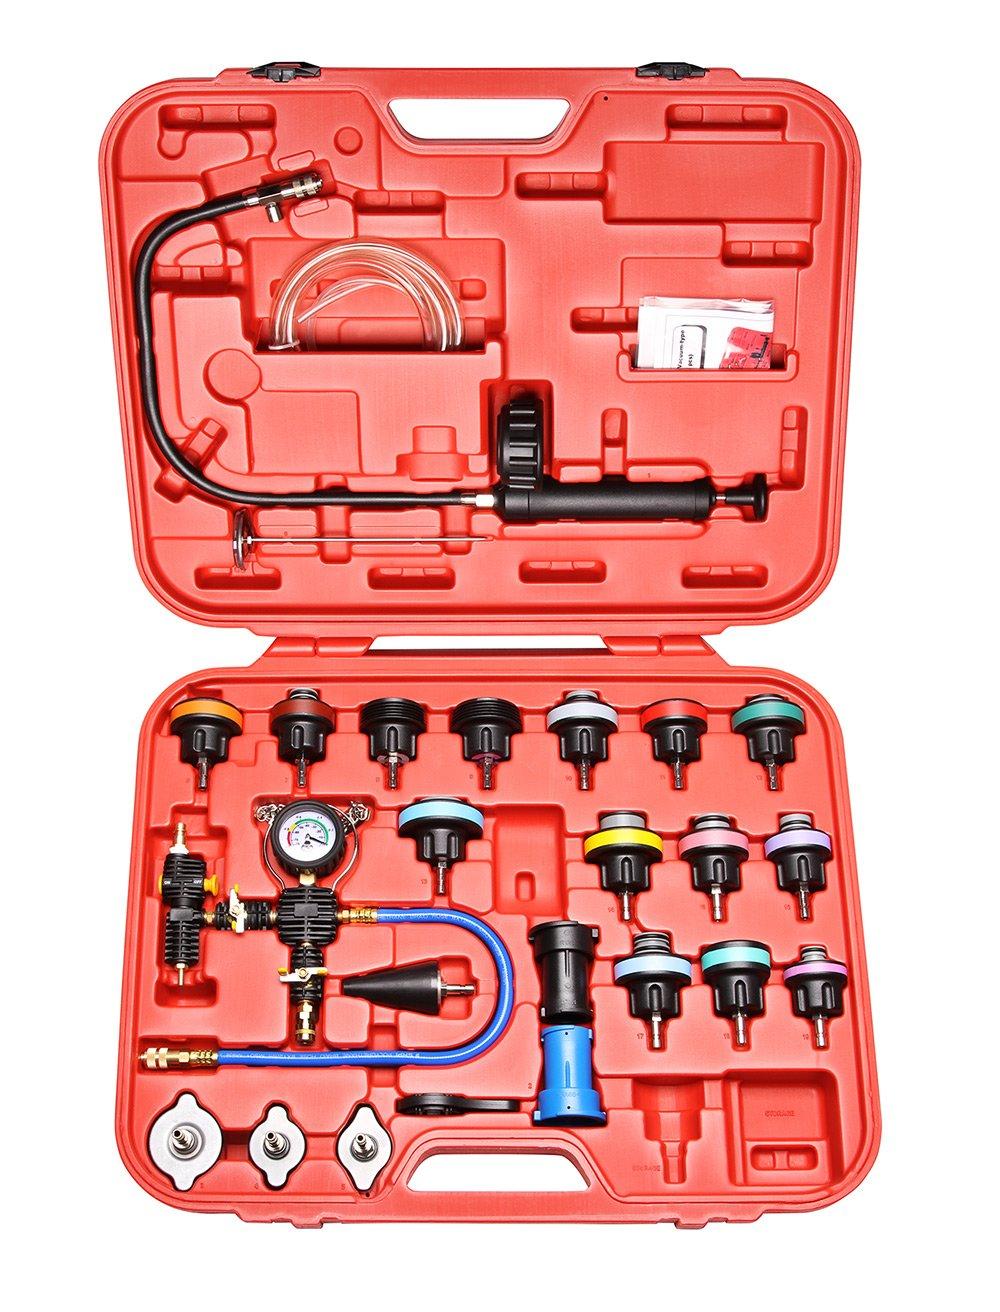 Kühlsystemtester Zylinderkopftester KompressorAnschluß  BaumarktKundenbewertung und Beschreibung